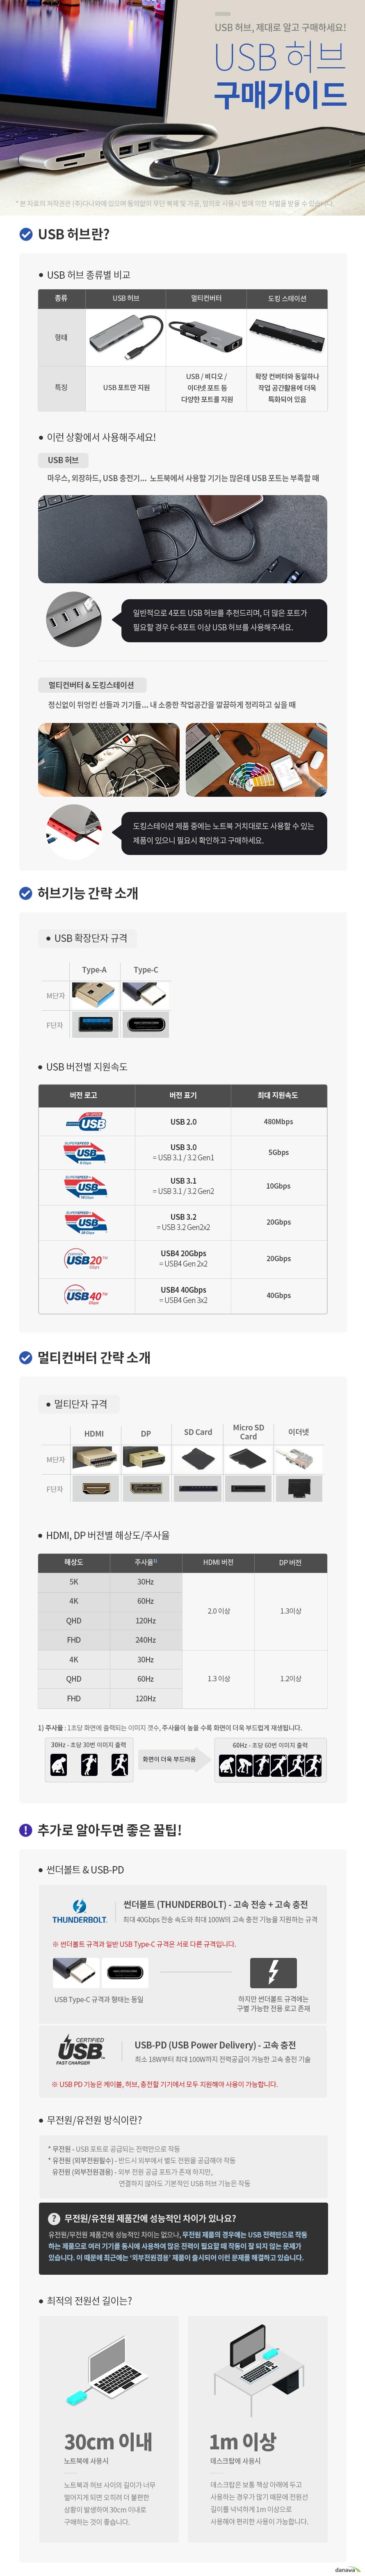 이지넷유비쿼터스 넥스트 NEXT-331TC-PD (8포트/USB 3.0 Type C)